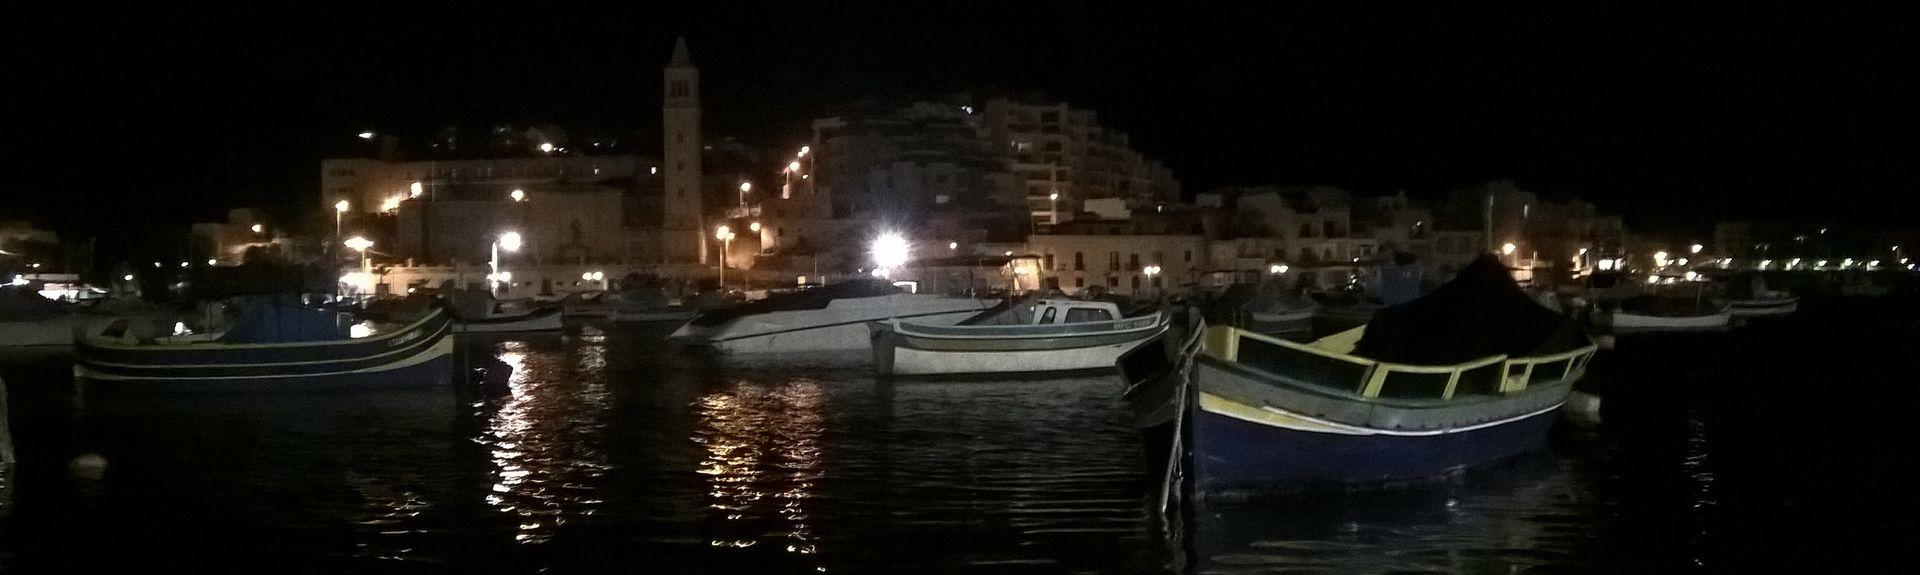 Żejtun, Malta